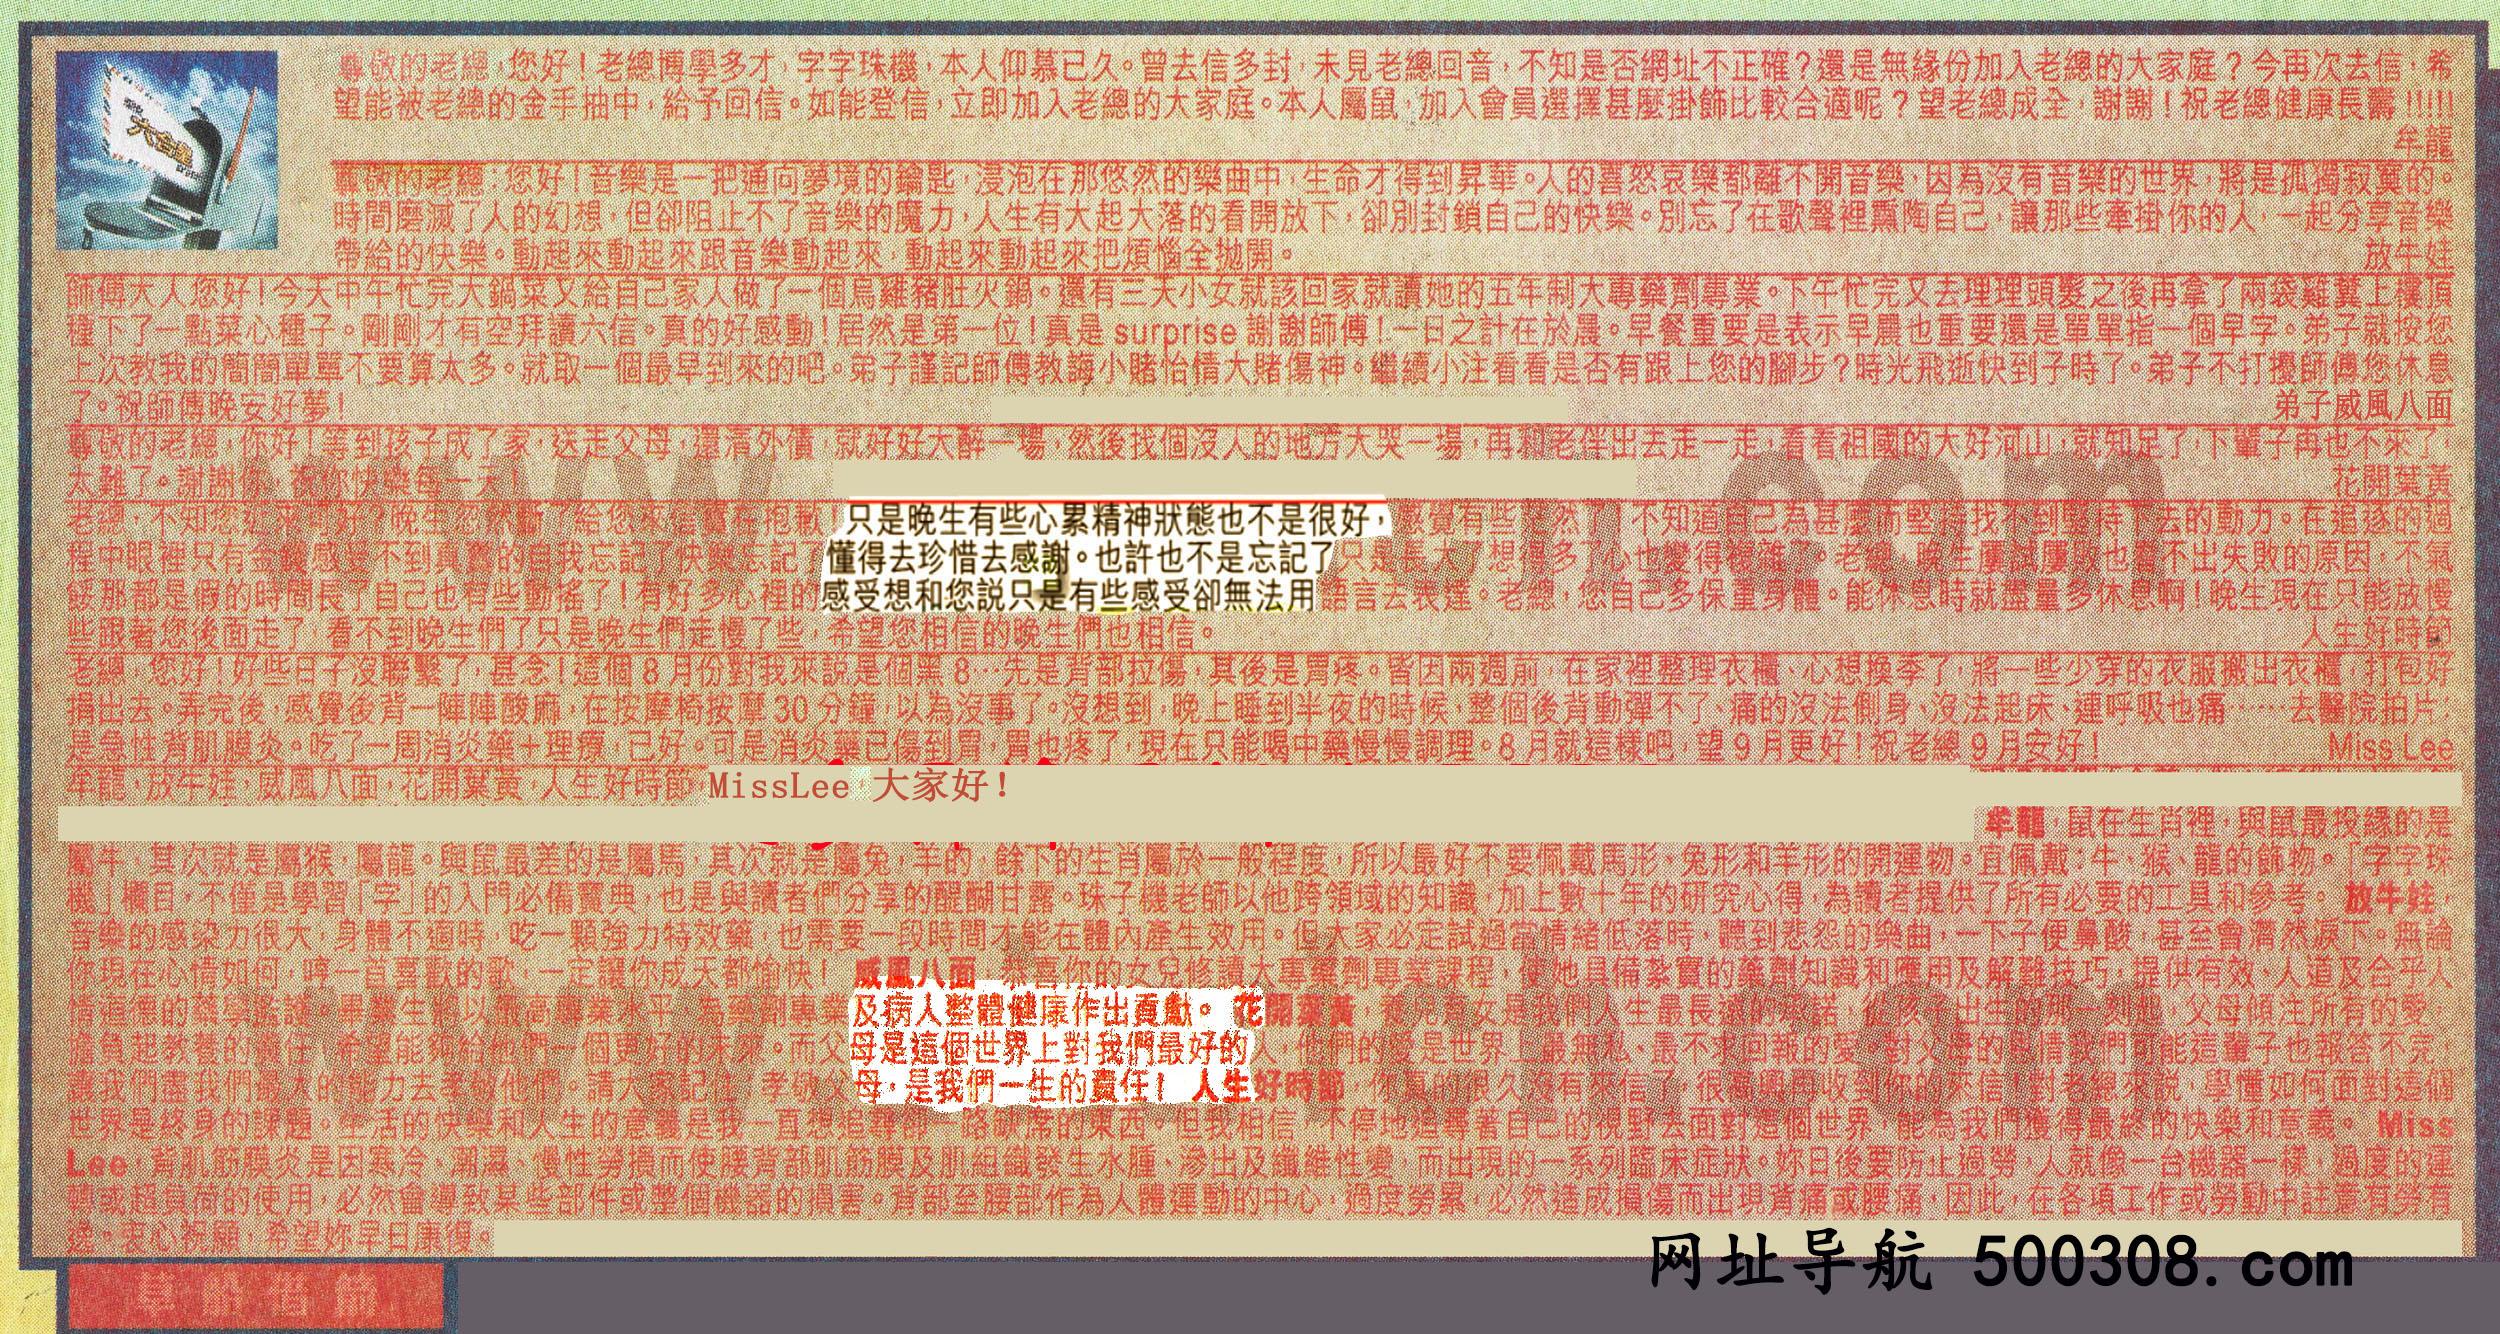 076期:彩民推荐六合皇信箱(�t字:草船借箭) 076期开奖结果:28-39-48-10-45-49-T15(猪/蓝/土)